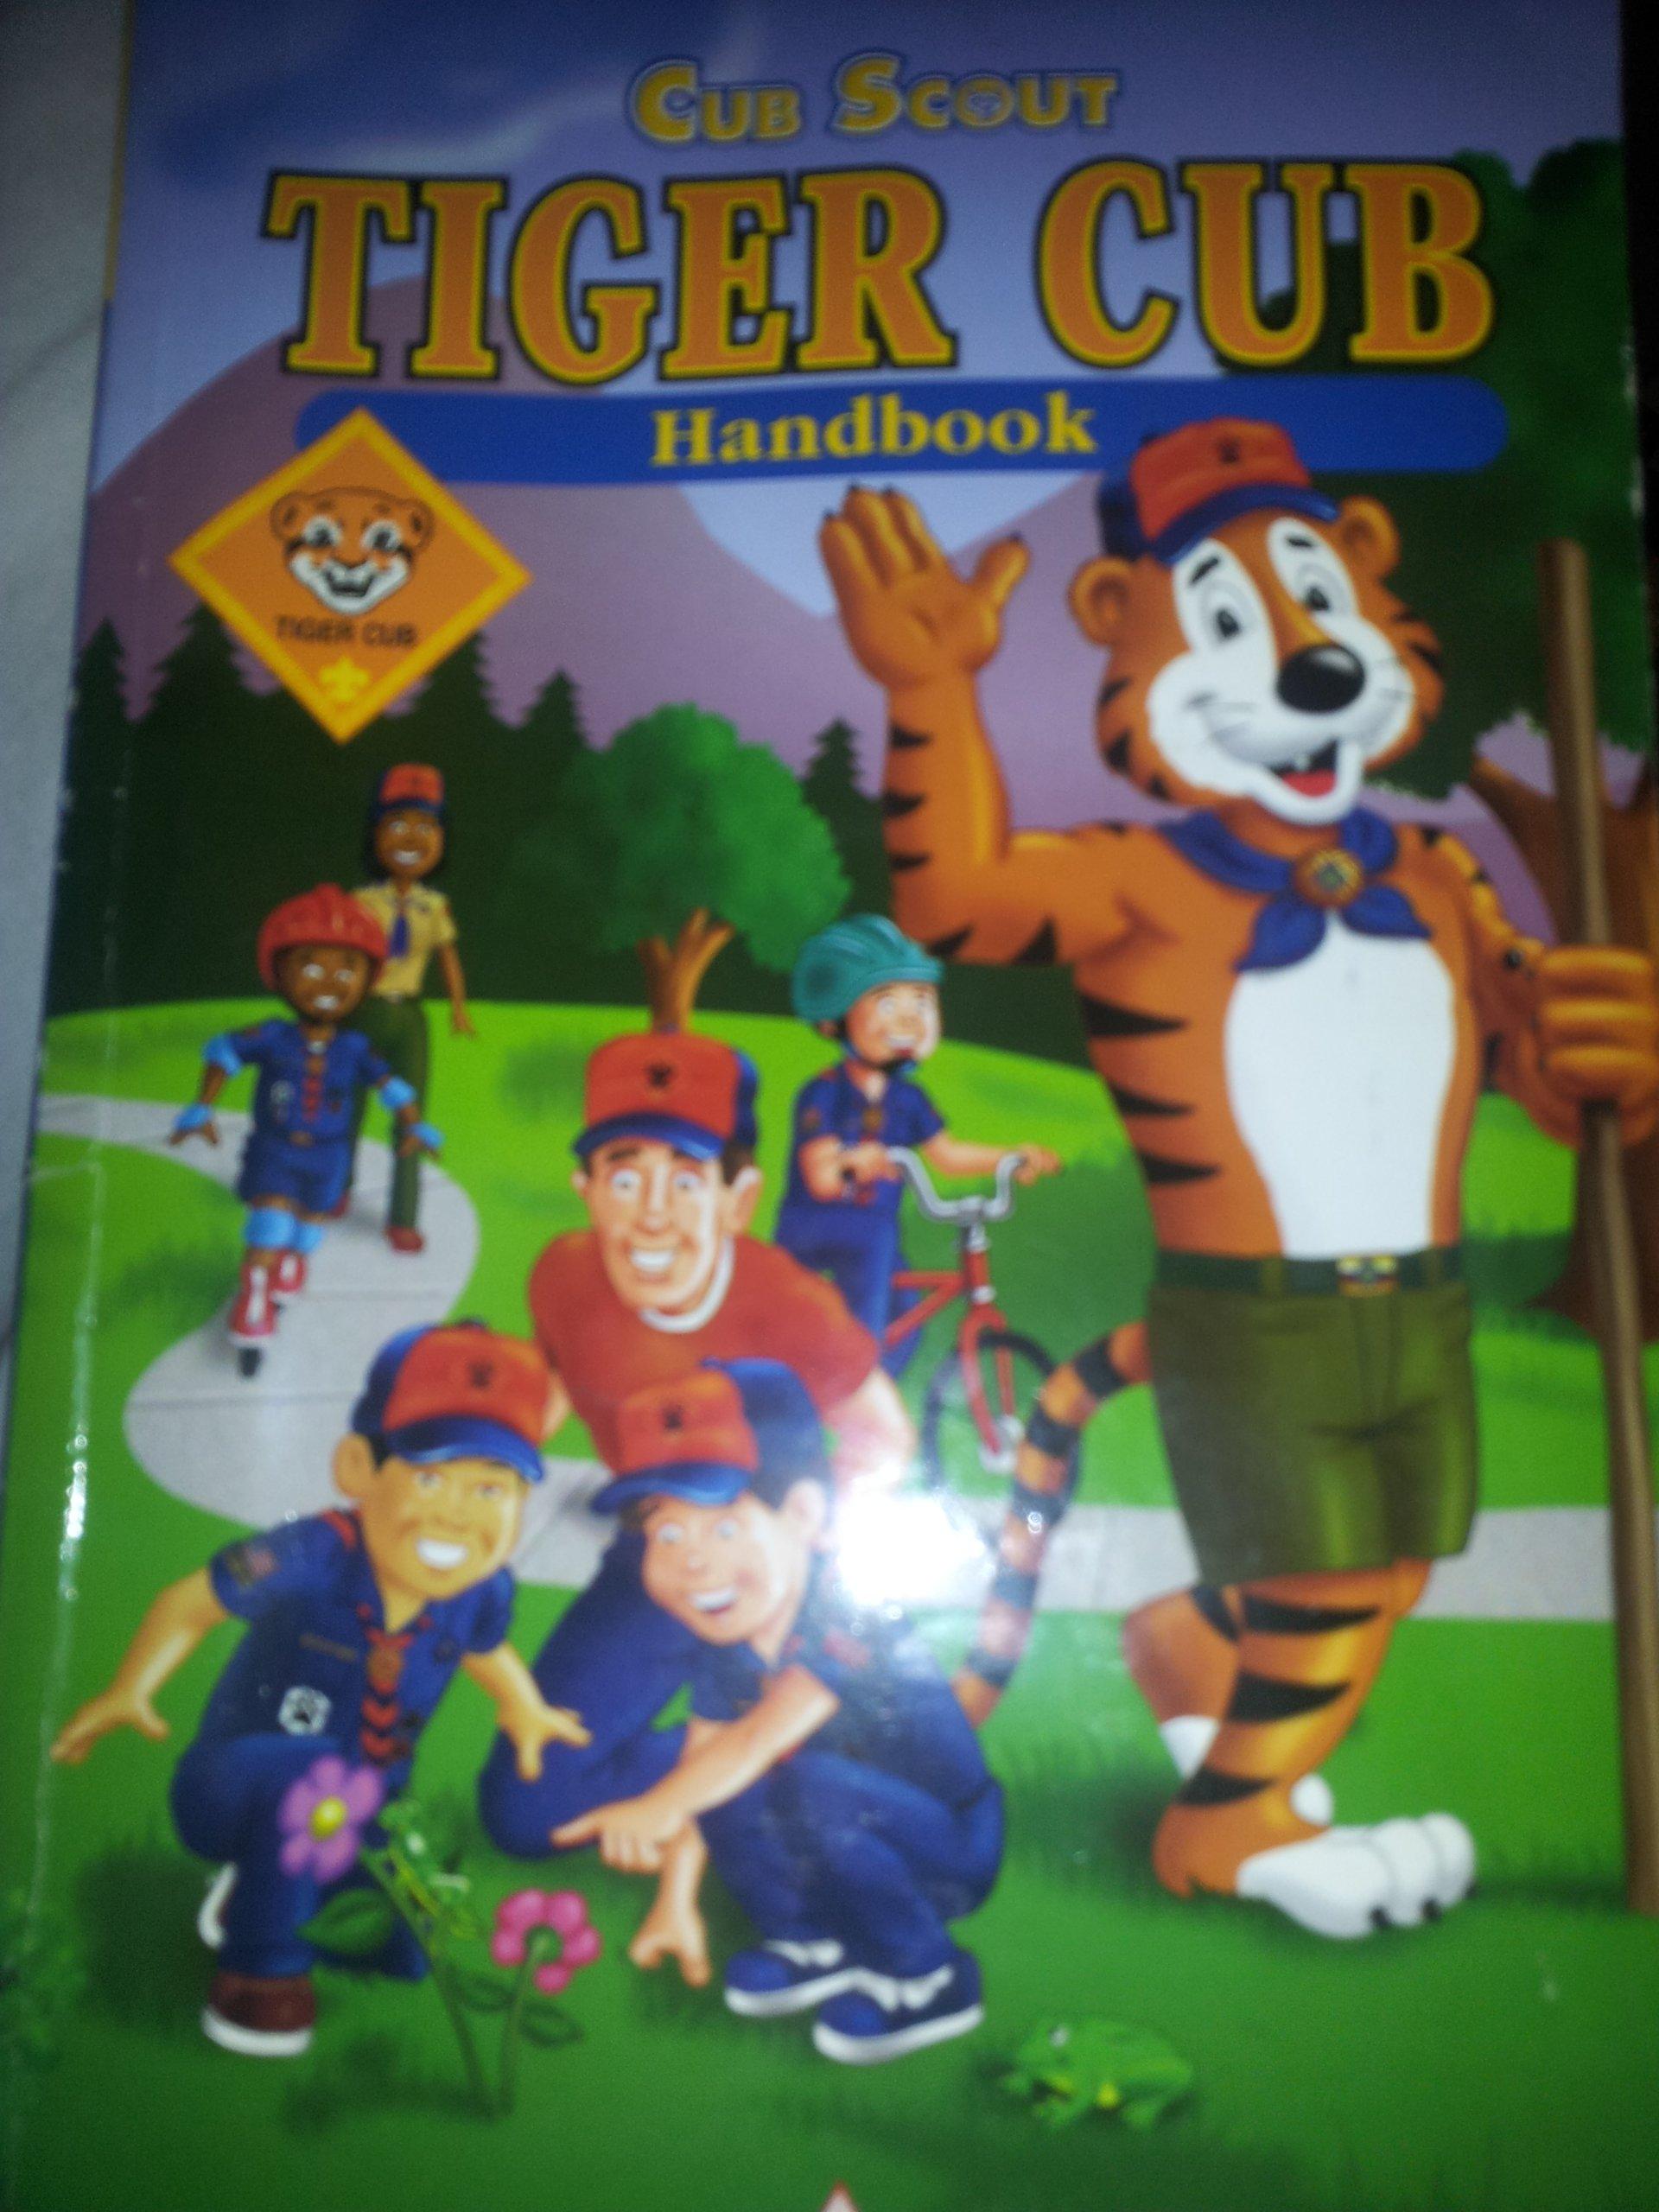 Download Cub Scout Tiger Cub Handbook PDF